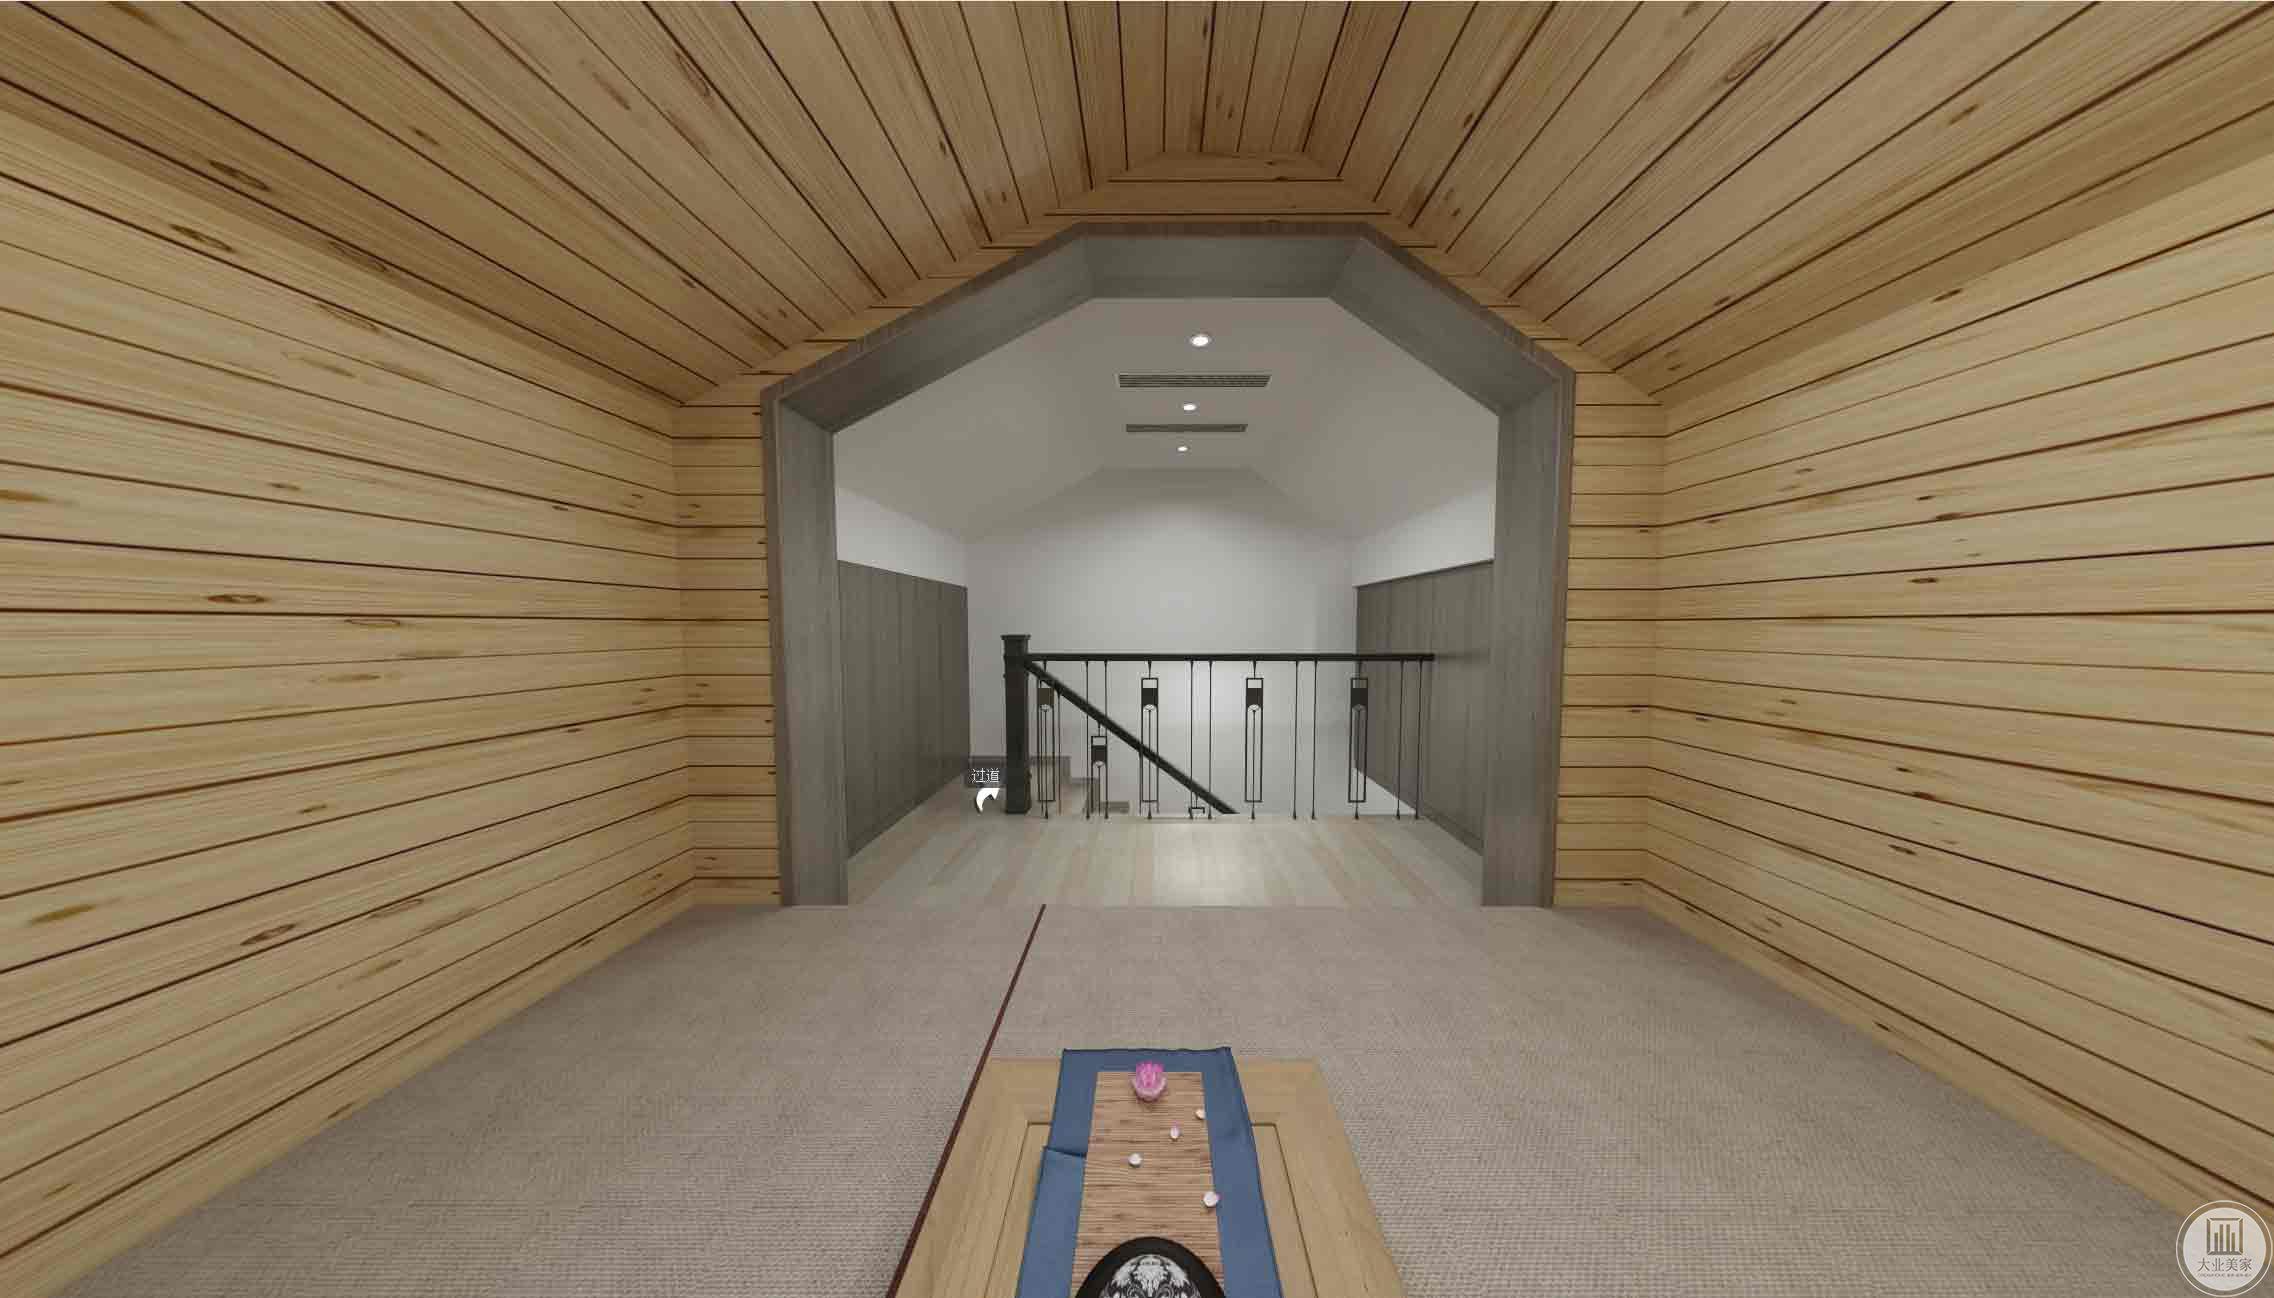 阁楼榻榻米房:榻榻米吊顶与墙面连在一起原木色墙顶面,楼梯上来连边的小空间作为储物柜。